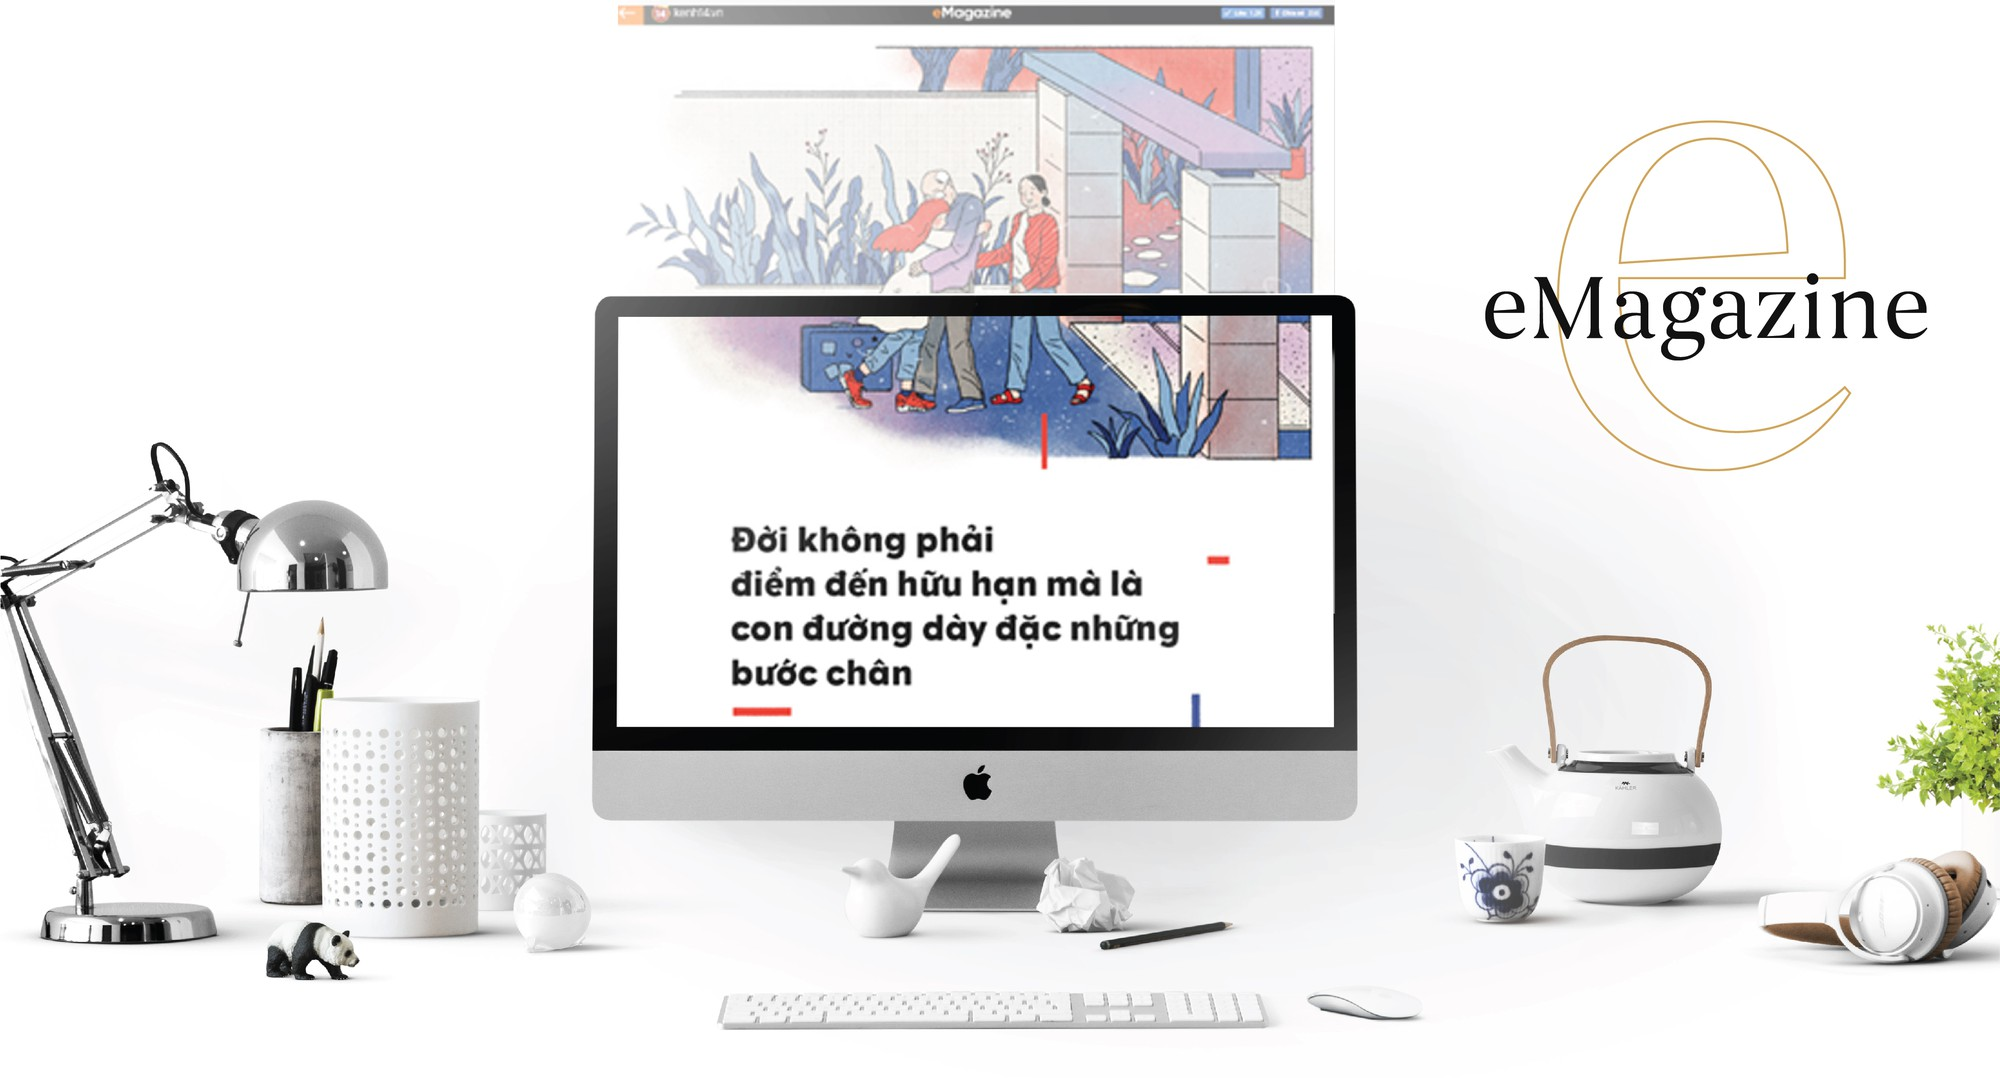 Tổng quan về emagazine, hình thức làm báo điện tử sống động hấp dẫn marketingreview.vn 2